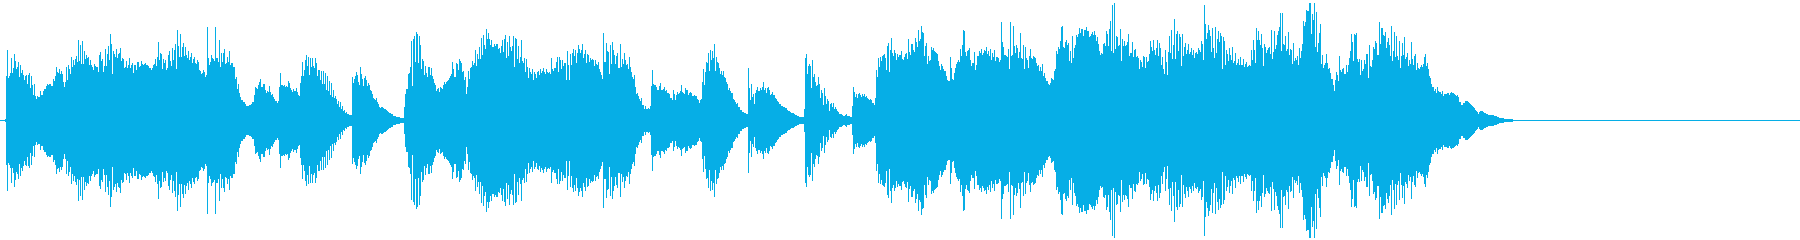 和風でコミカルなジングルの再生済みの波形